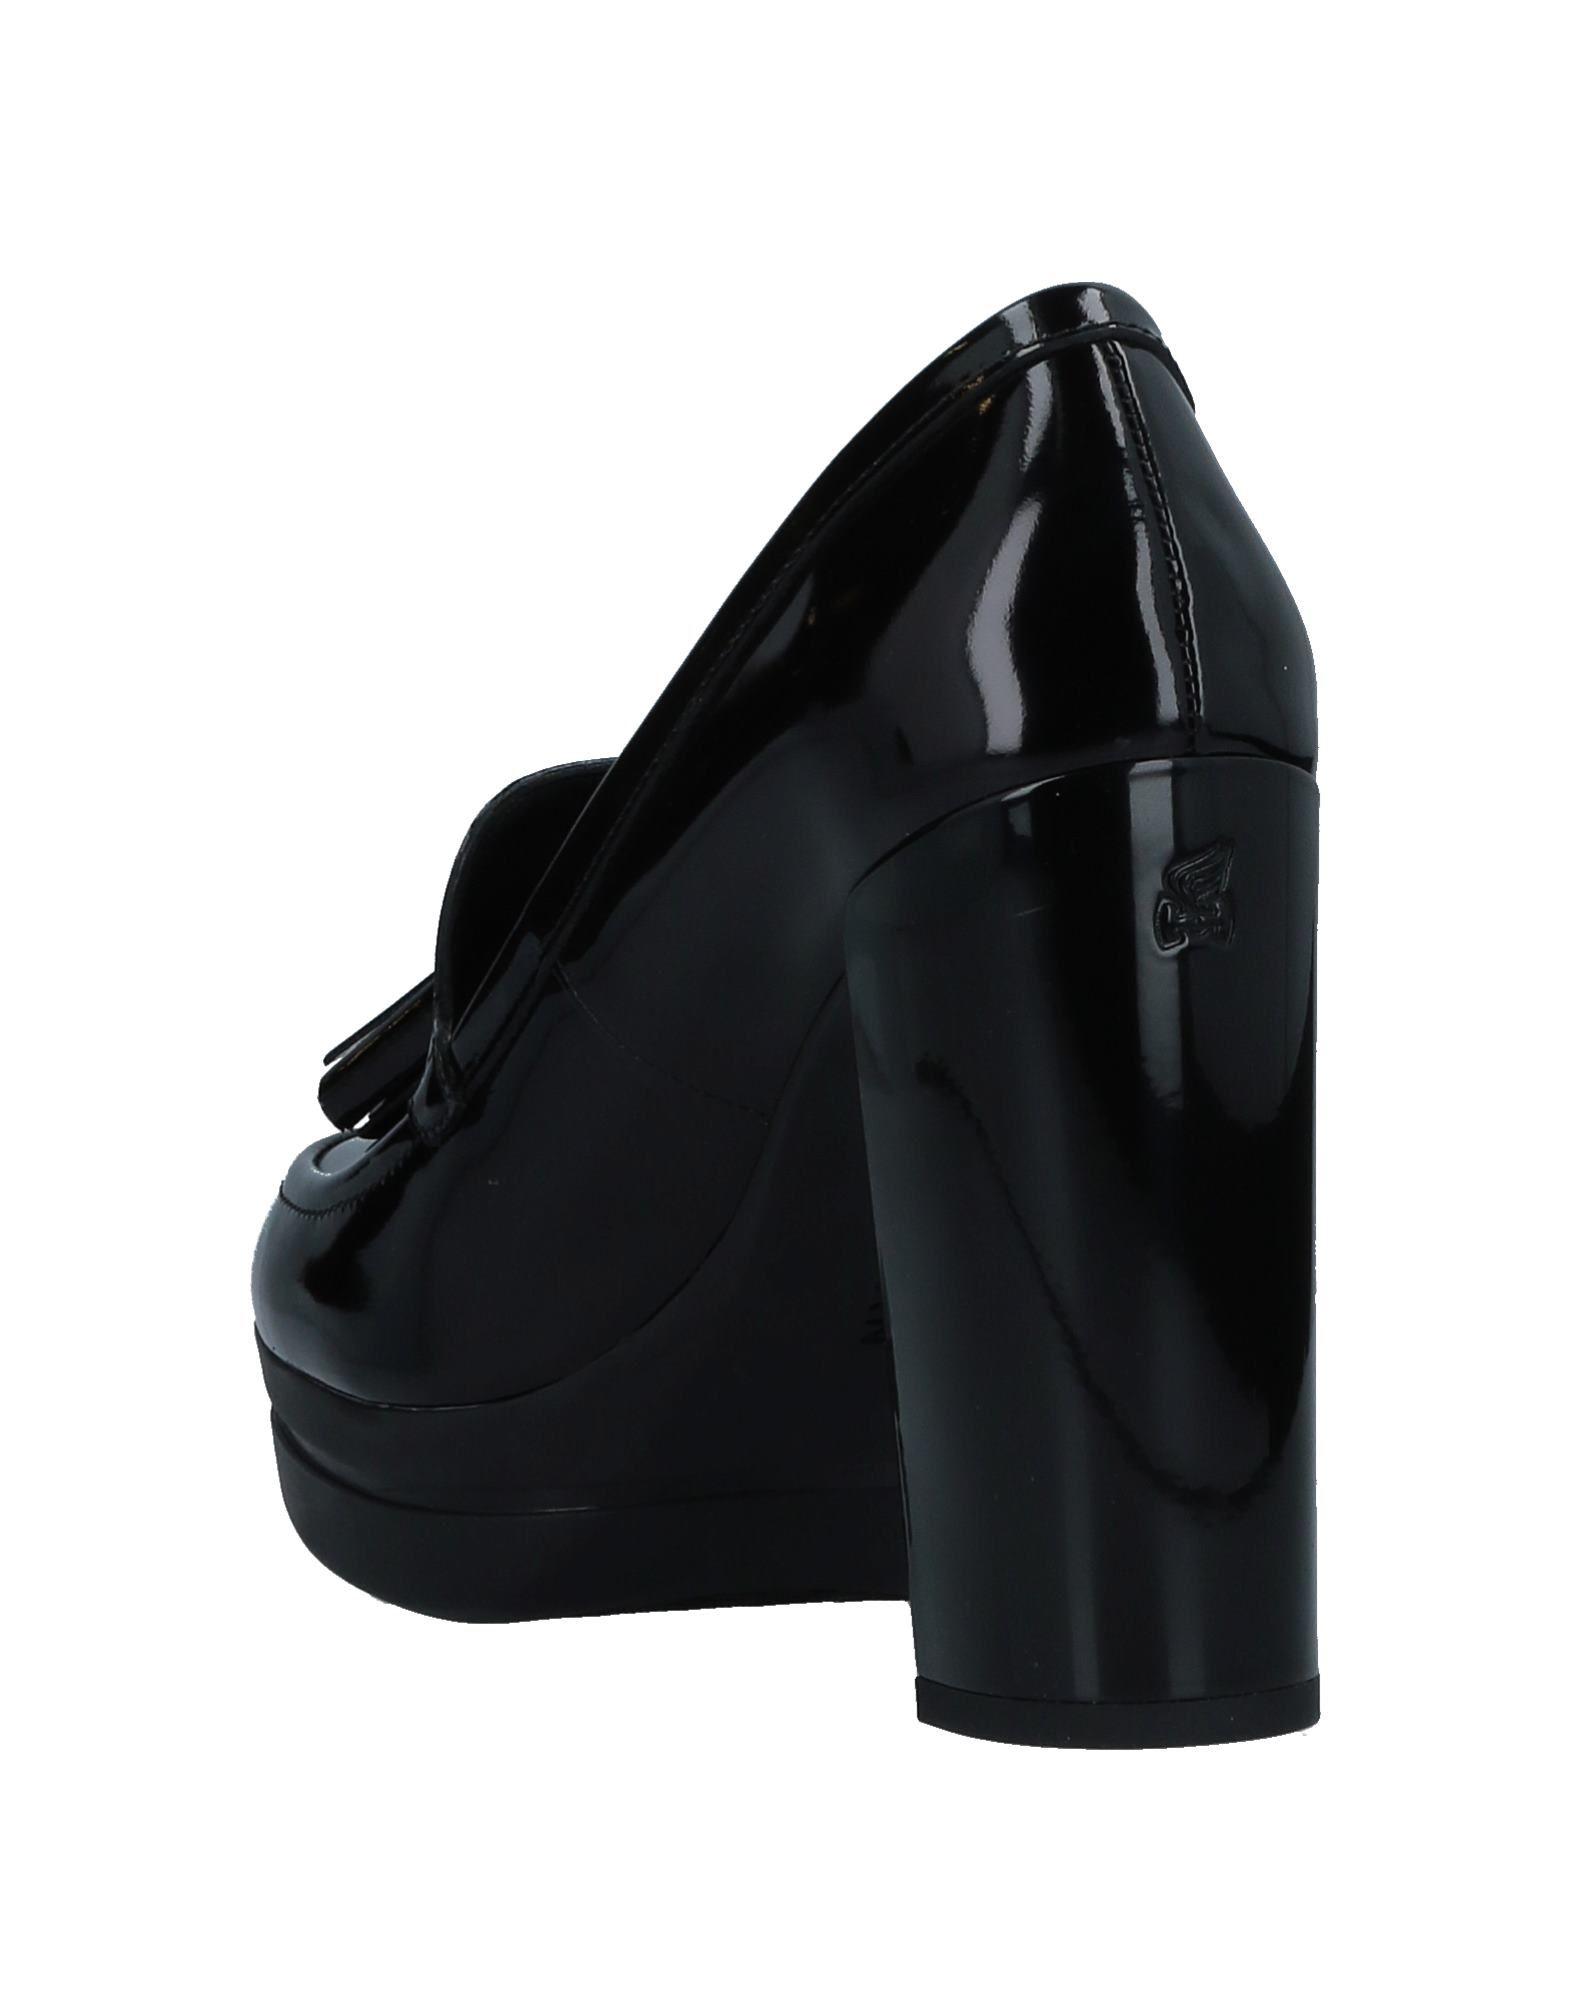 Rabatt Schuhe Hogan Damen Mokassins Damen Hogan  11533462TV 29708d